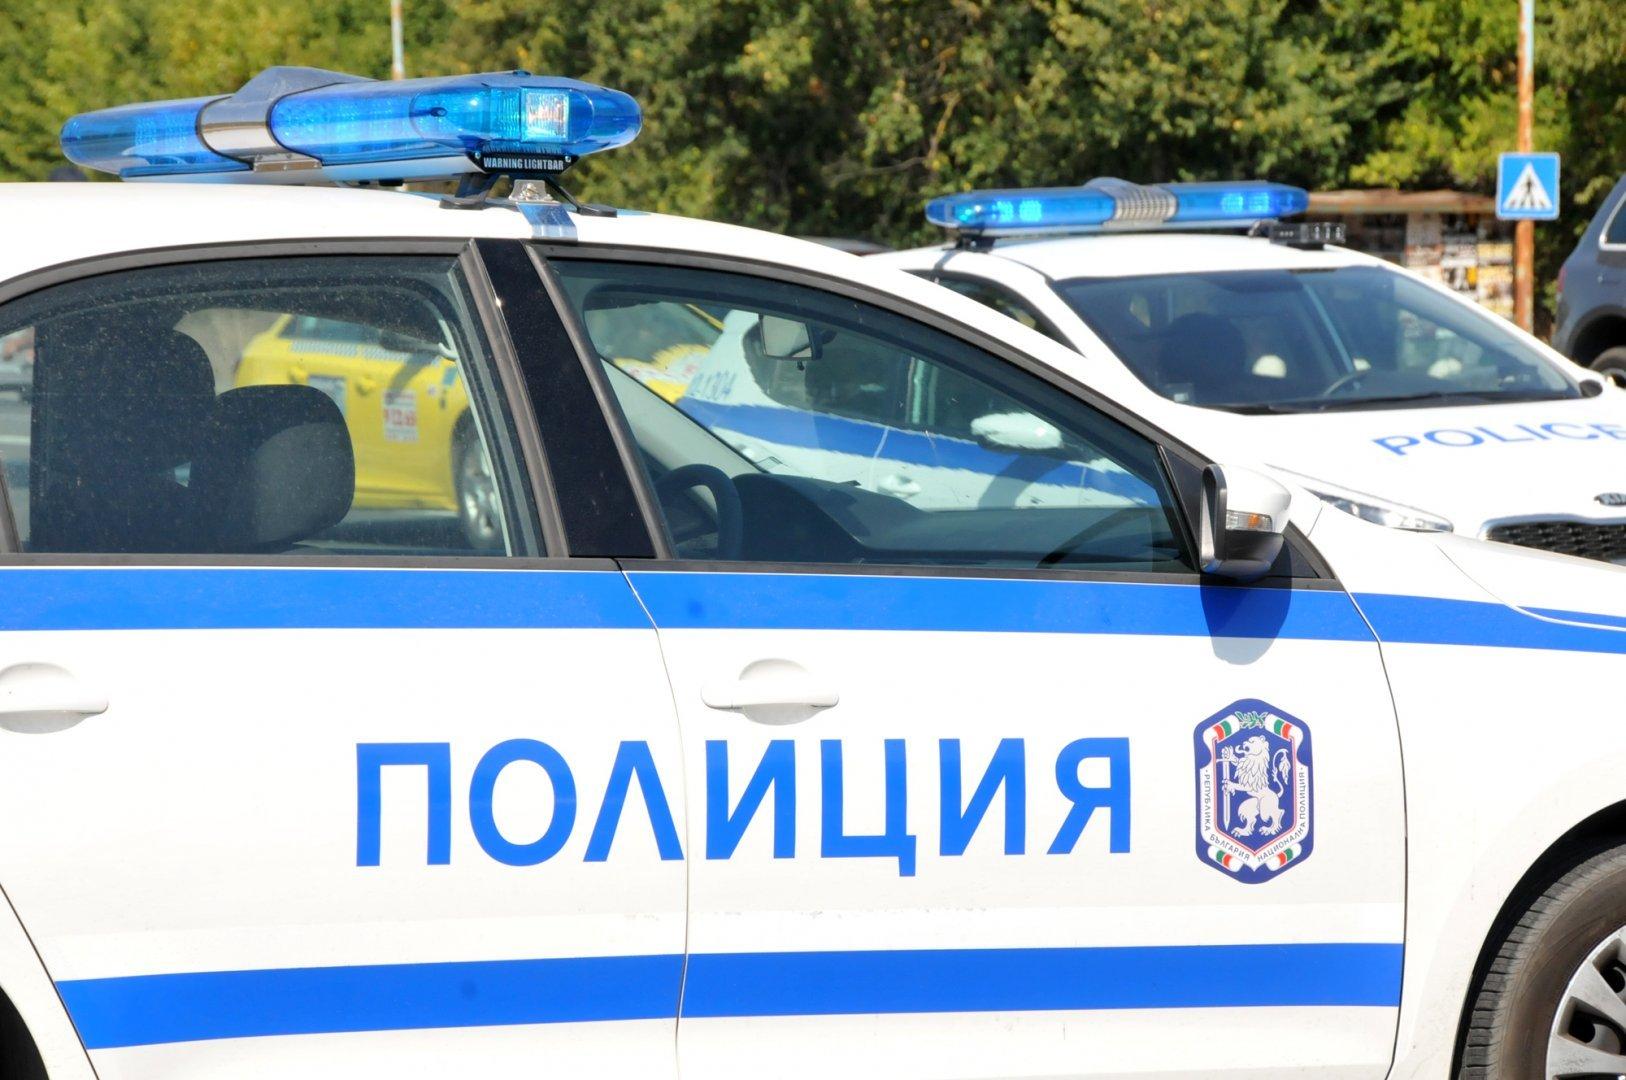 70-годишната жена била ударена на пешеходна пътека. Снимка Архив Черноморие-бг